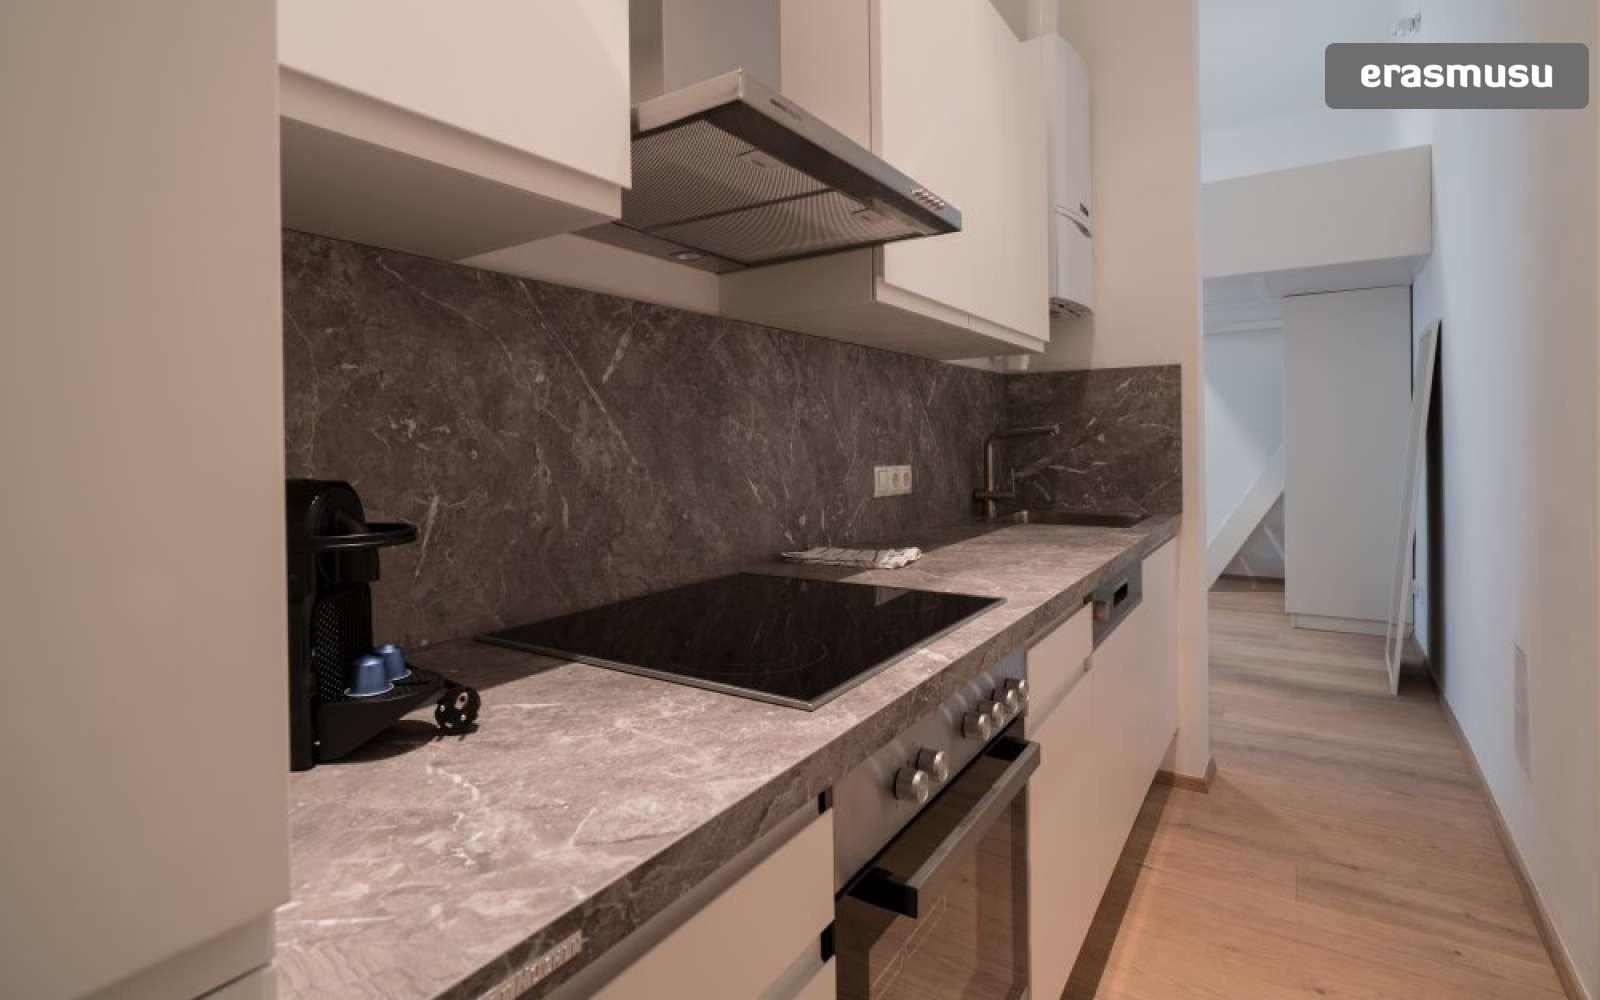 studio-apartment-rent-landstrase-40d6b99d097ad23d47ed32721ed0c18